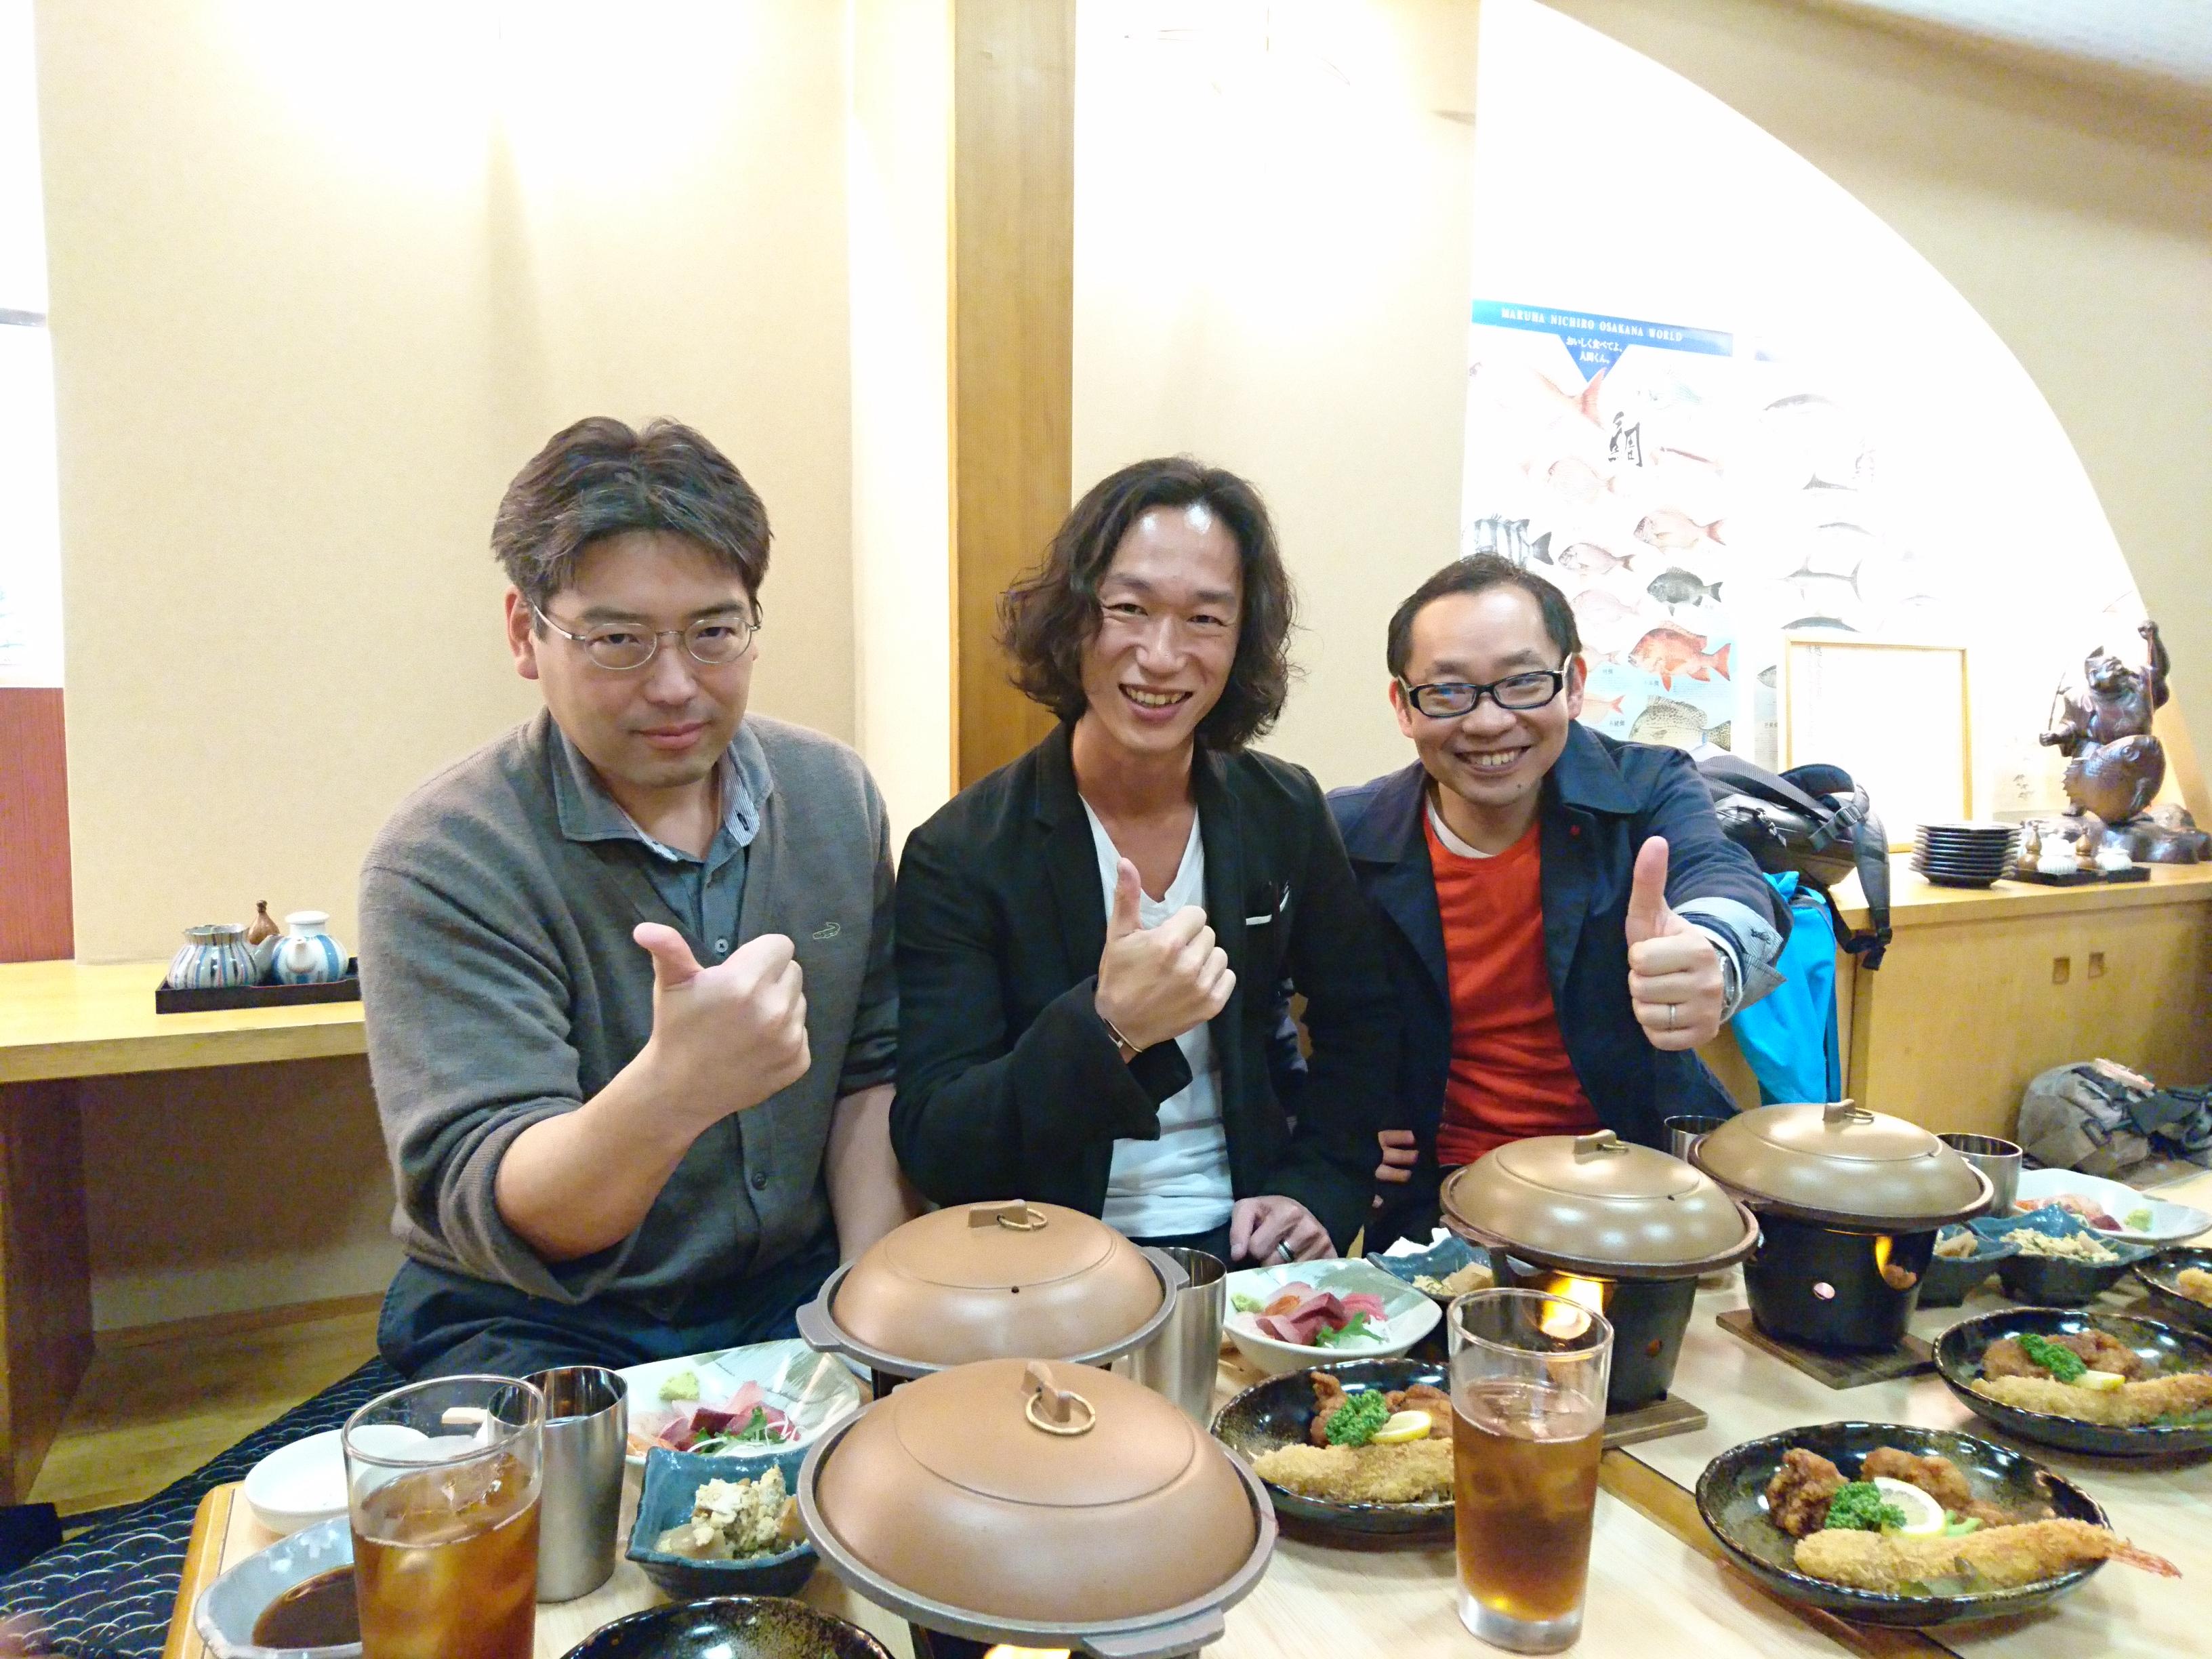 共創の場づくり:「ヤフー執行役員」と「日本一公務員らしくない(元)公務員」から学ぶ。